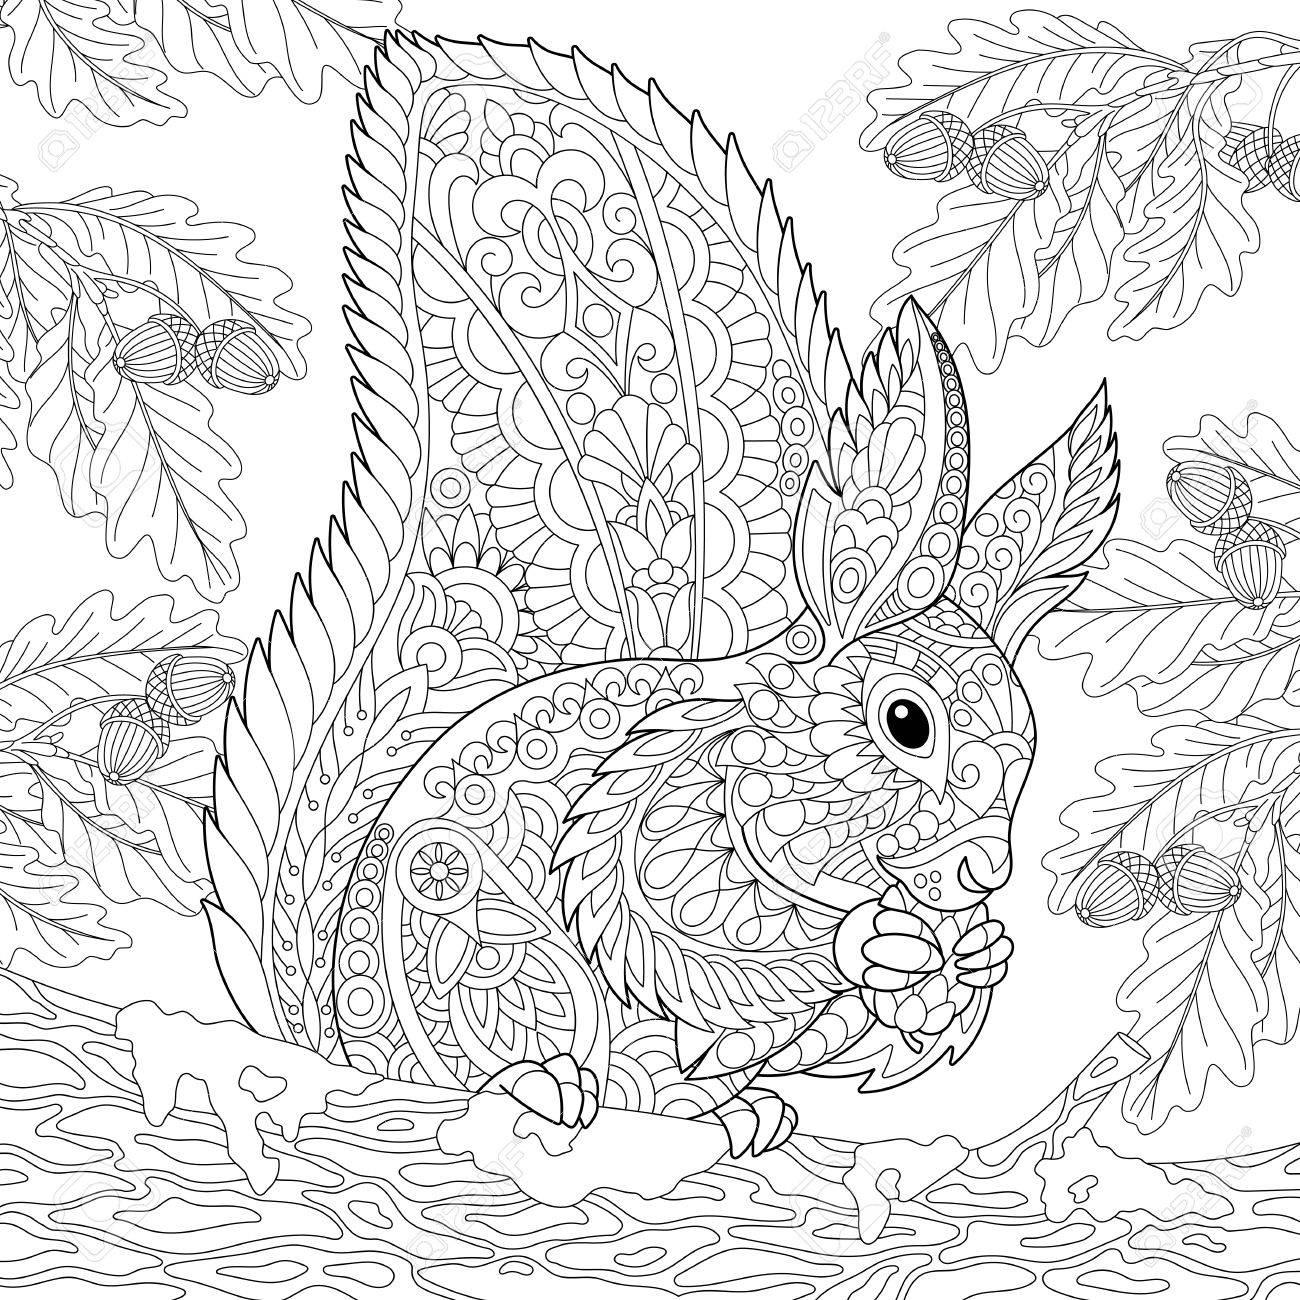 Coloriage Dun Ecureuil Imprimer.Coloriage D Un Ecureuil Assis Sur Une Branche De Chene Et Manger Du